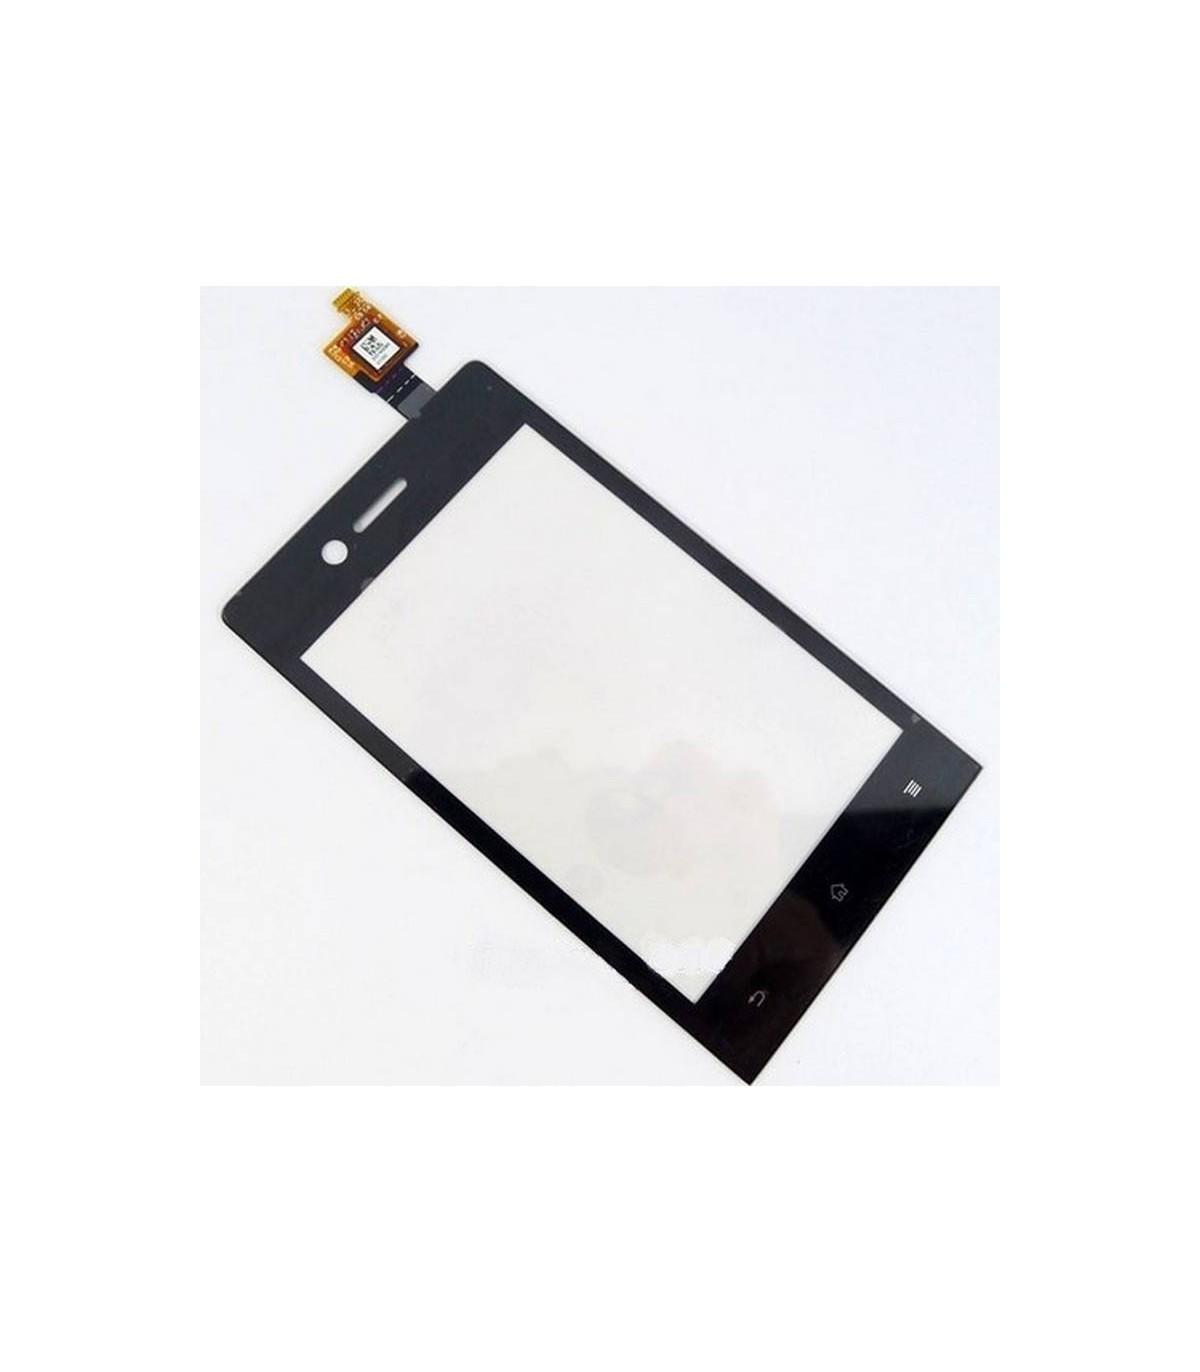 táctil negra para Sony Xperia Miro, ST23i